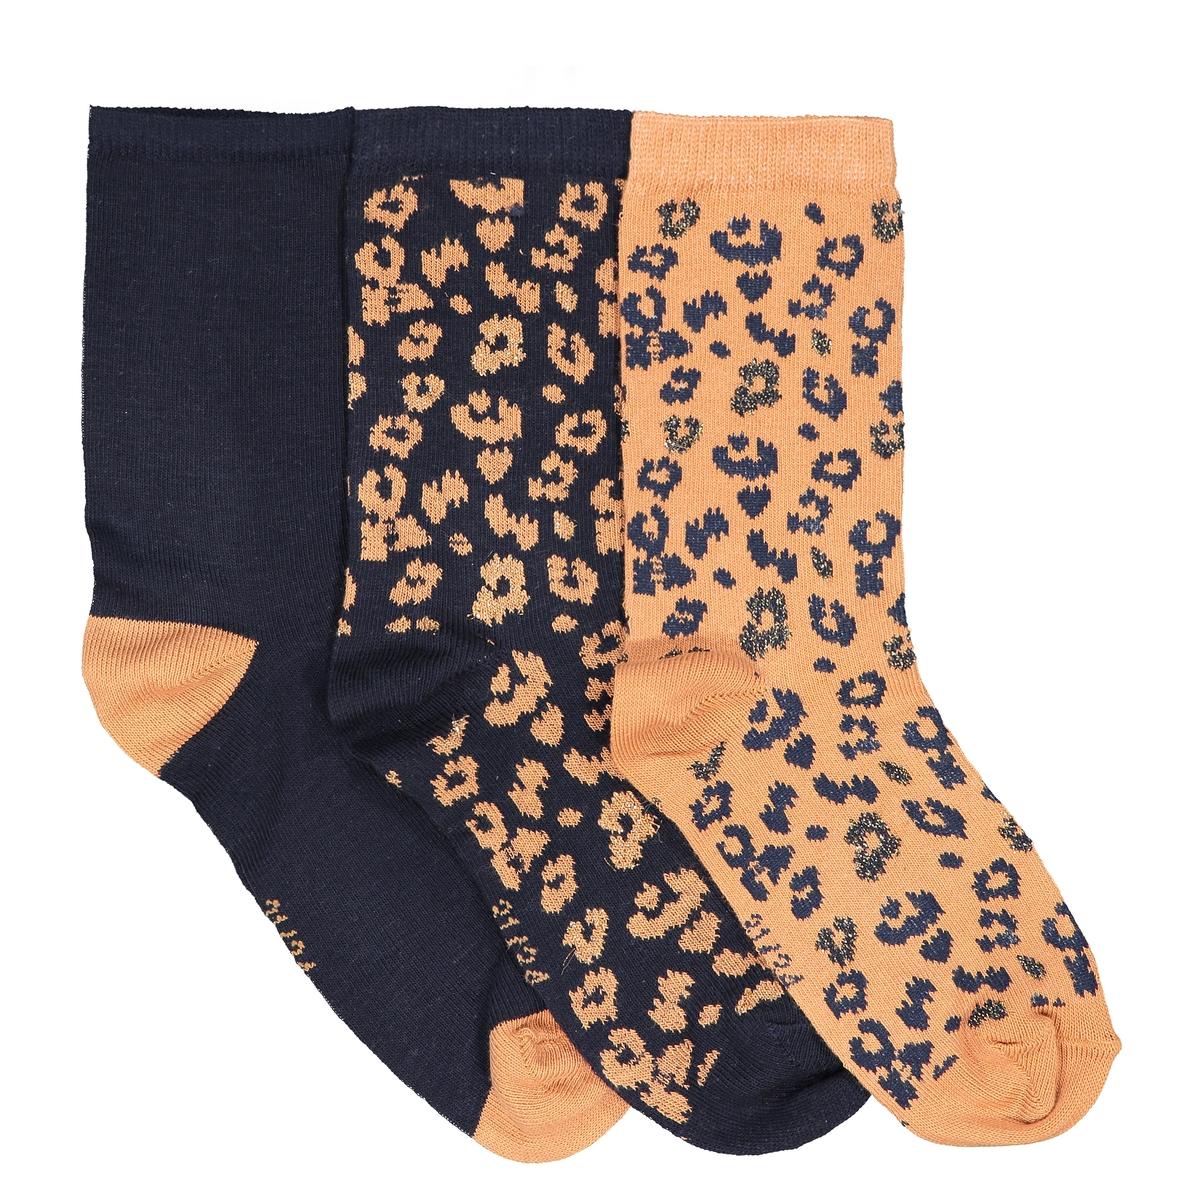 Комплект из пар носков La Redoute Размеры - 23/26 каштановый комплект из пар носков la redoute размеры 23 26 черный